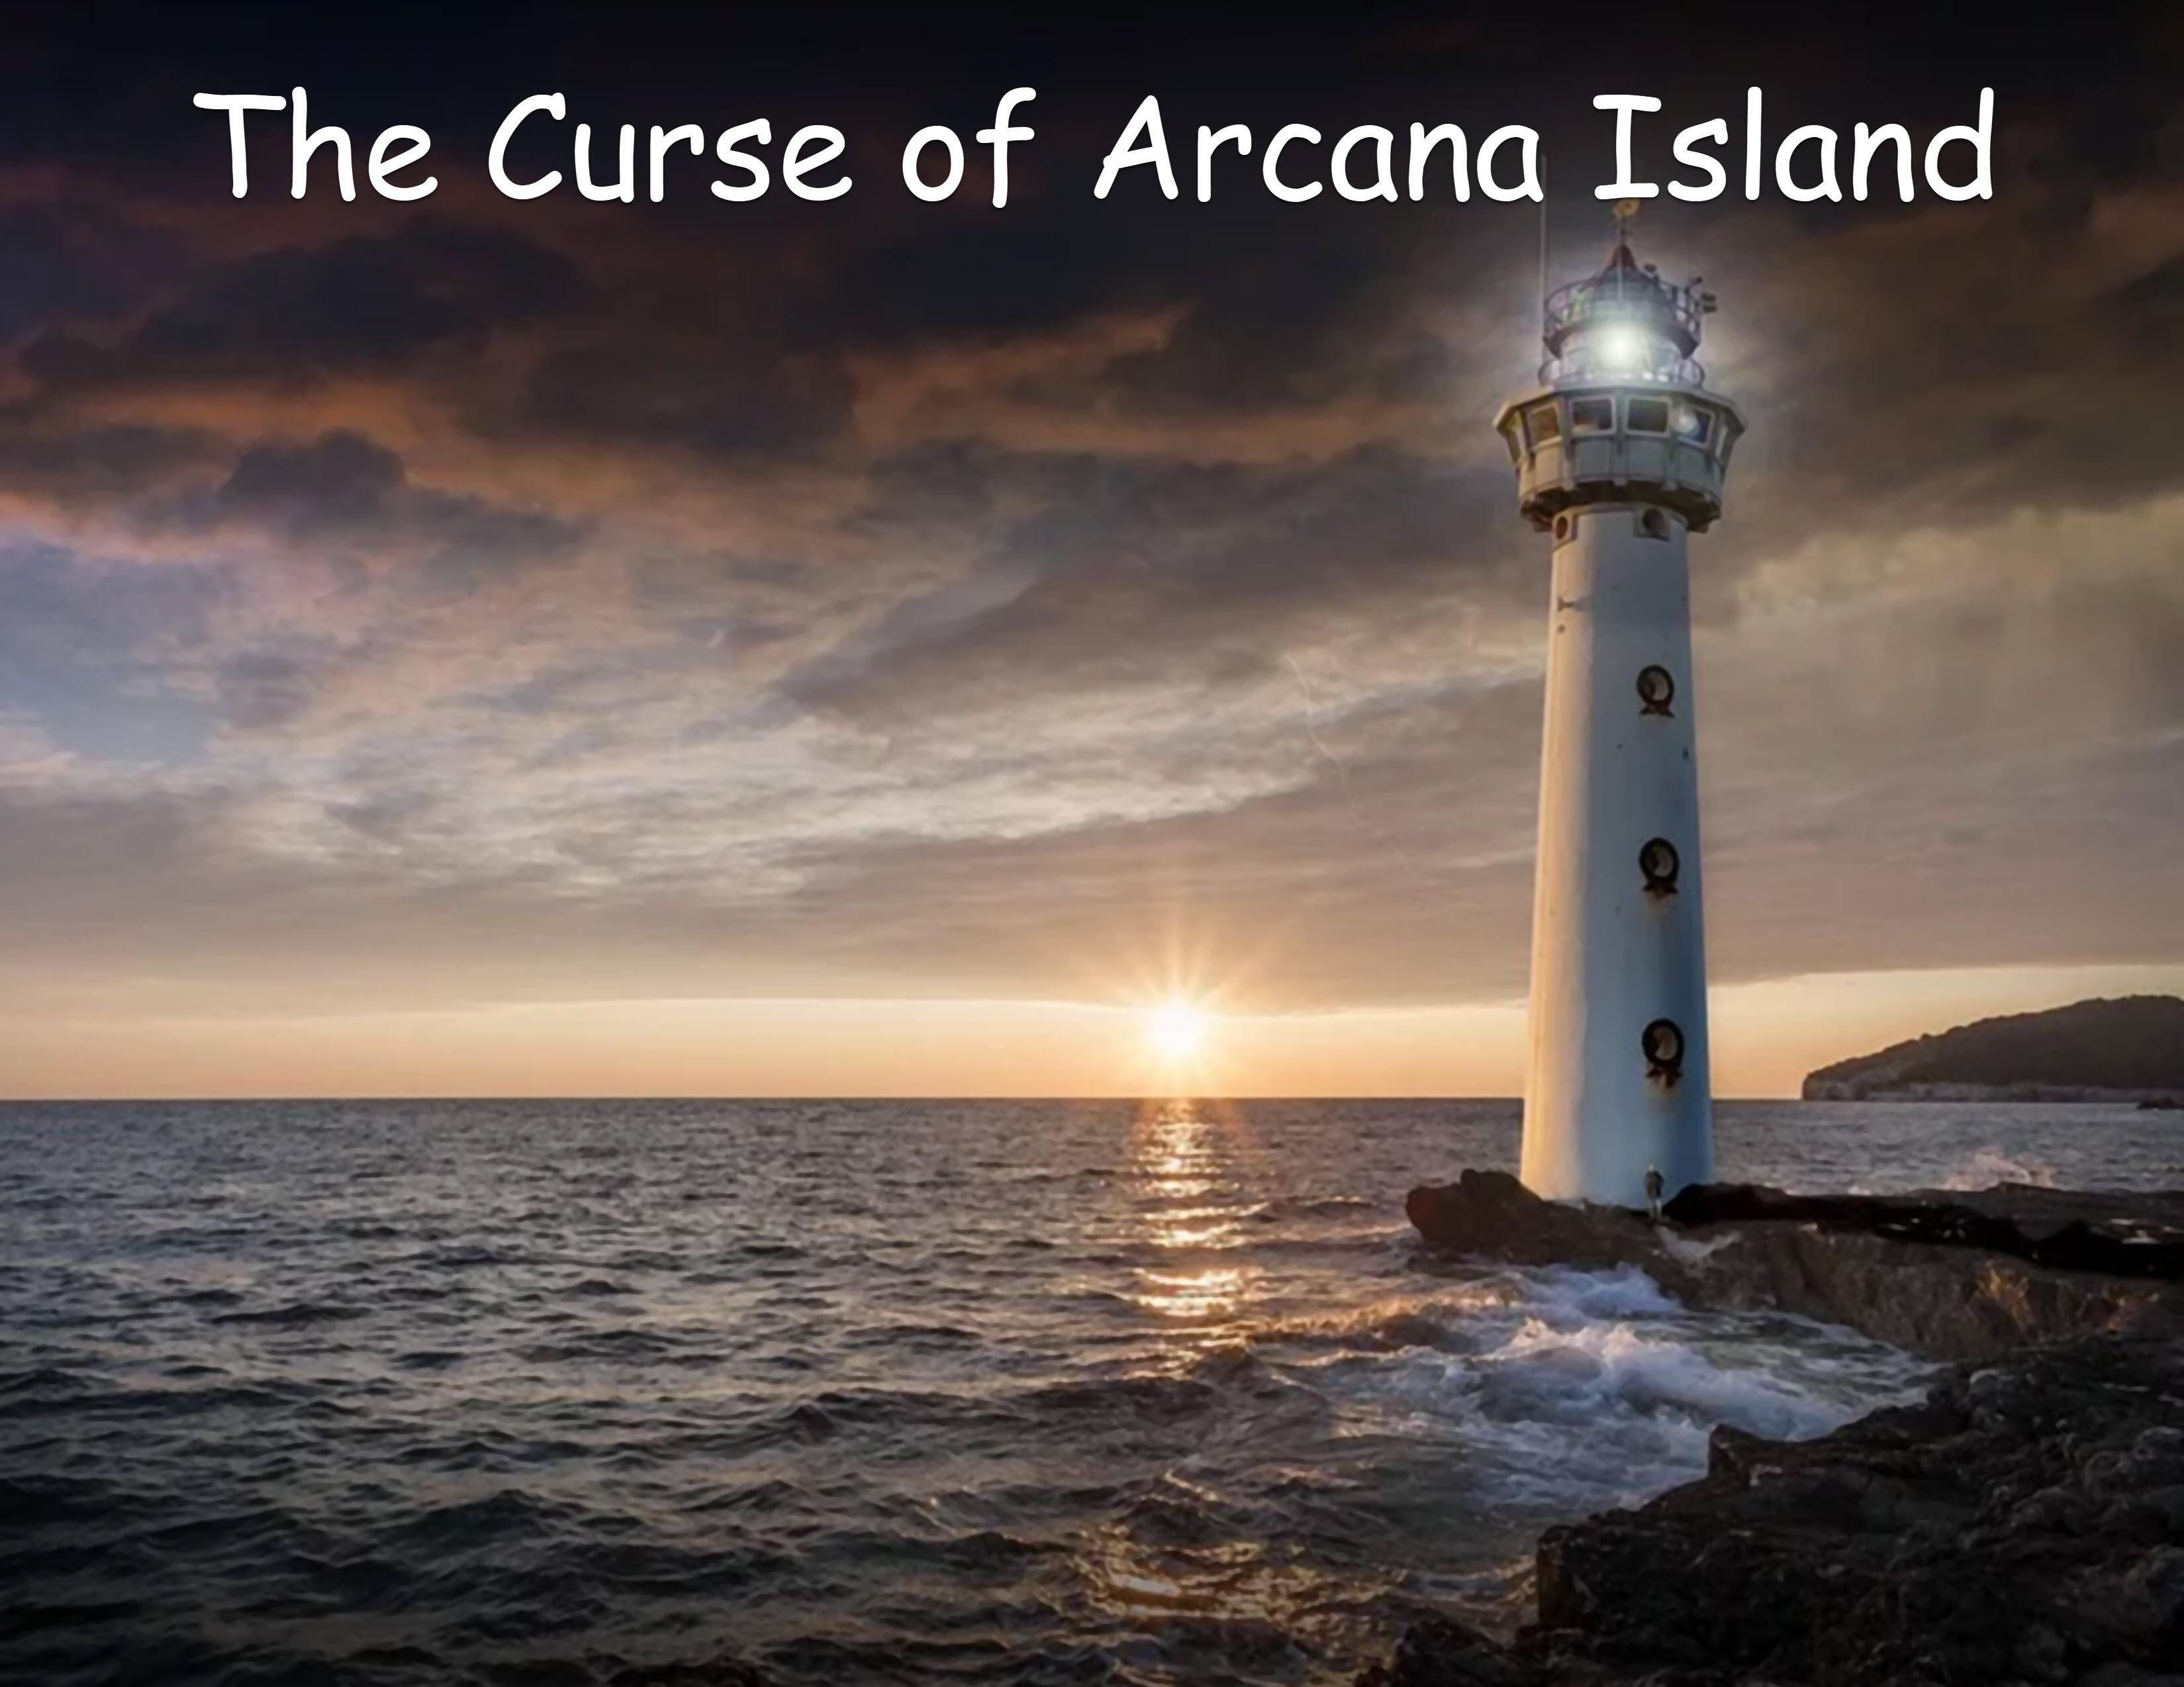 arcana island cover